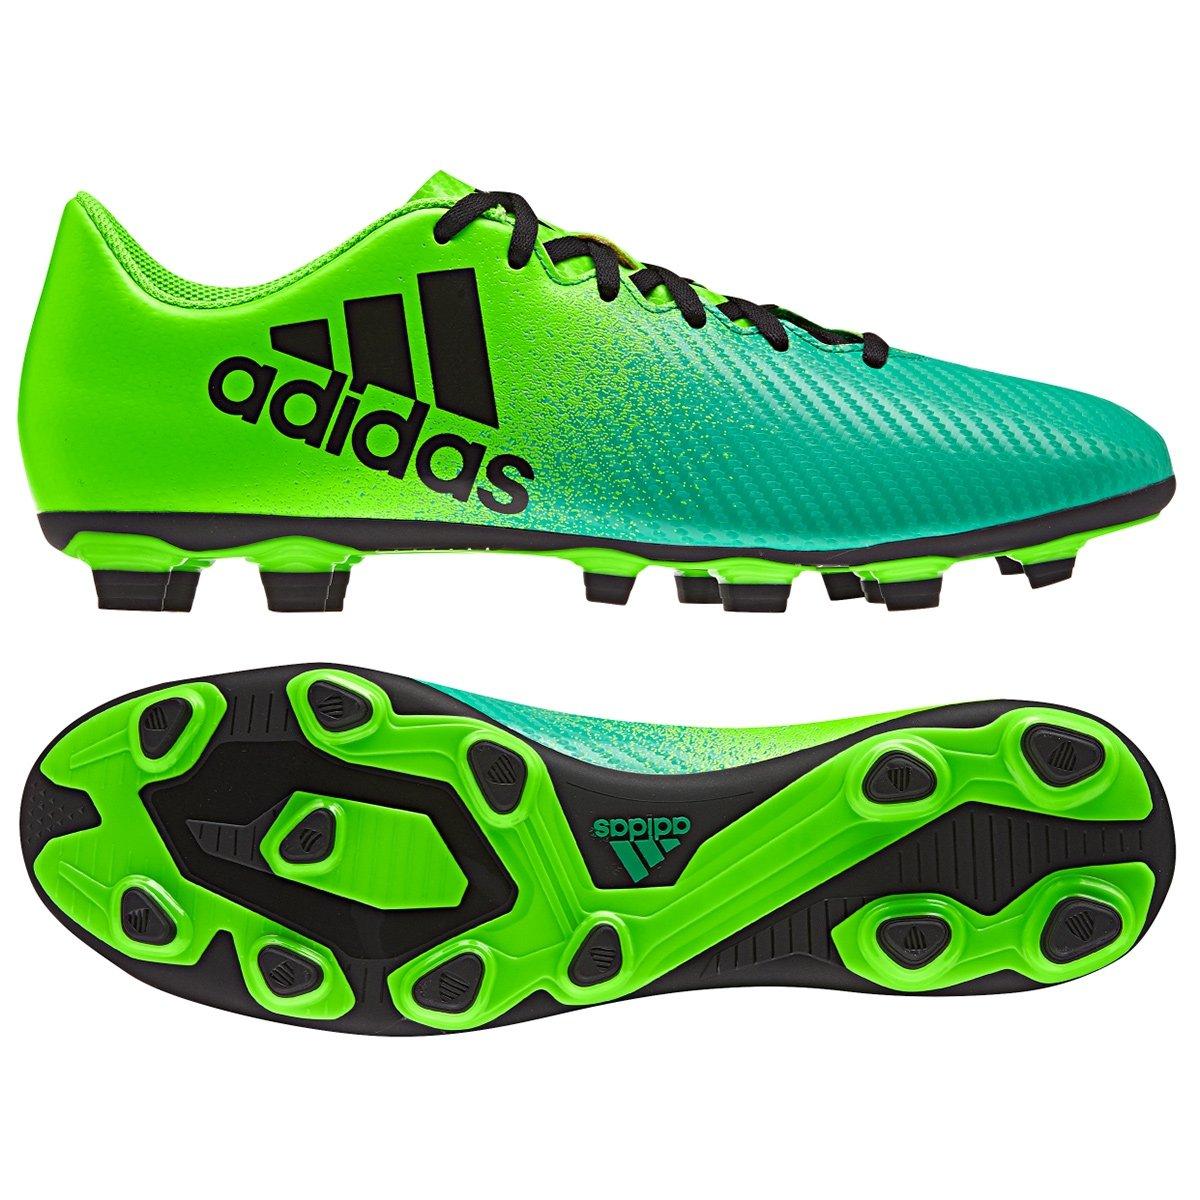 08b436fc1d82 Chuteira De Campo Adidas X 164 Fg - Compre Agora